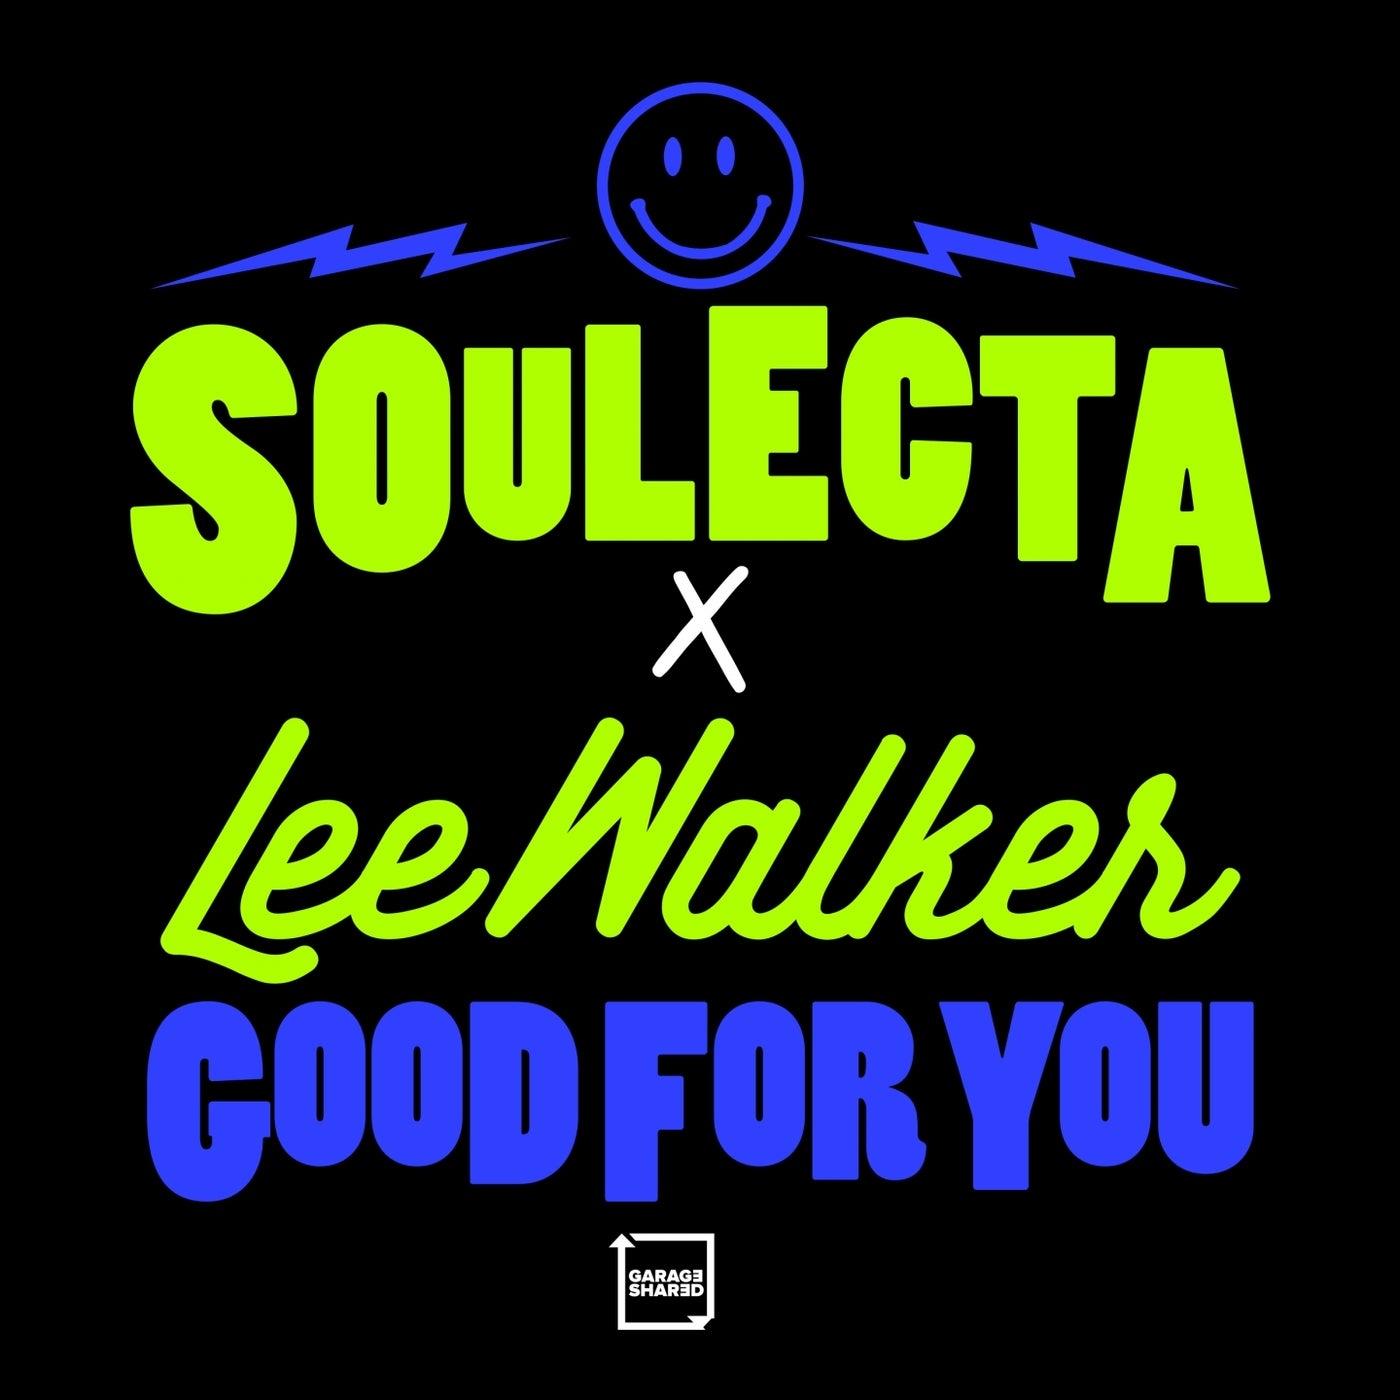 Good for You (Original Mix)